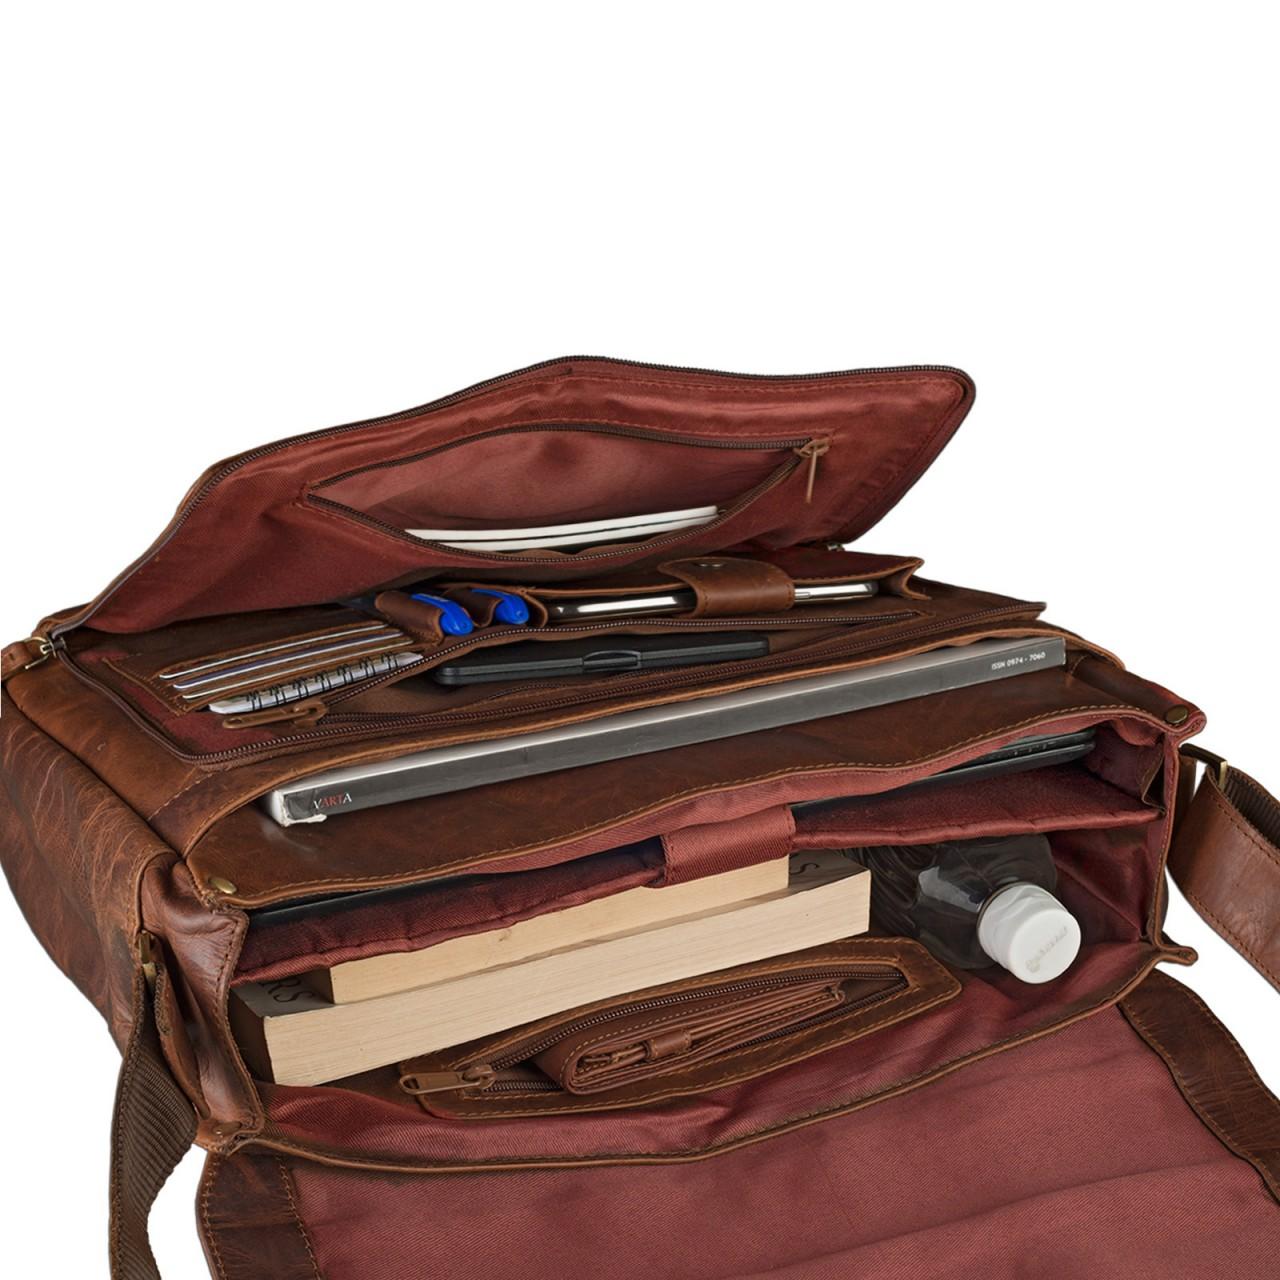 """STILORD B-WARE """"Elias"""" Businesstasche mit Laptopfach 15,6 Zoll Umhängetasche Herren Damen Aktentasche Unitasche Bürotasche Schultertasche Antik Leder braun - Bild 12"""